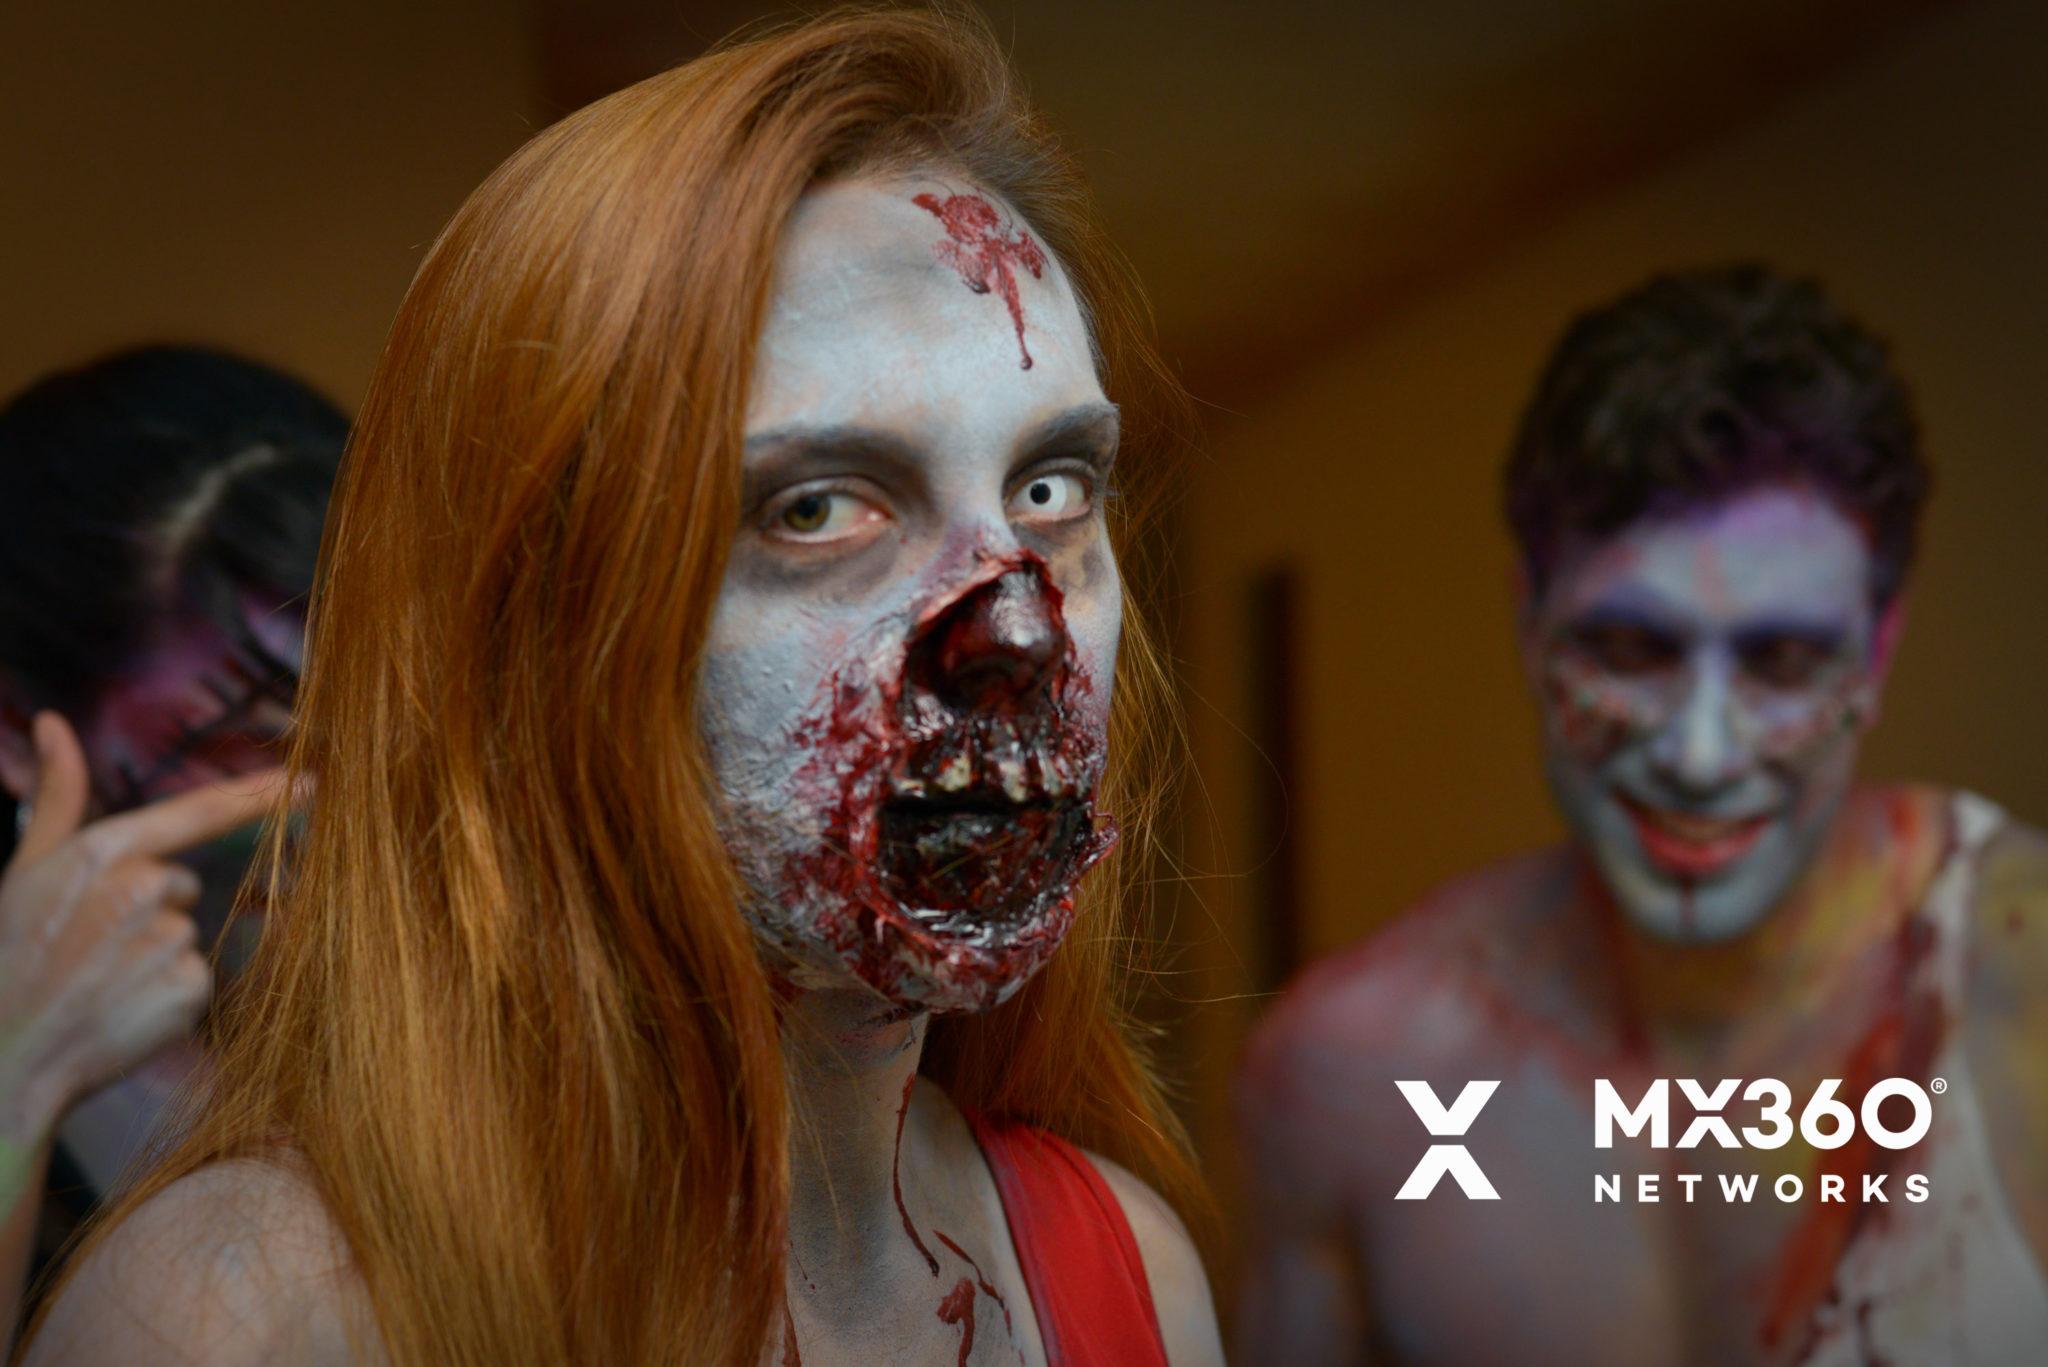 Maquillaje, vestuario, halloween, fiesta zombie, Performance musical, organización de eventos, eventos corporativos, ambientación y decoración de eventos, eventos monterrey.